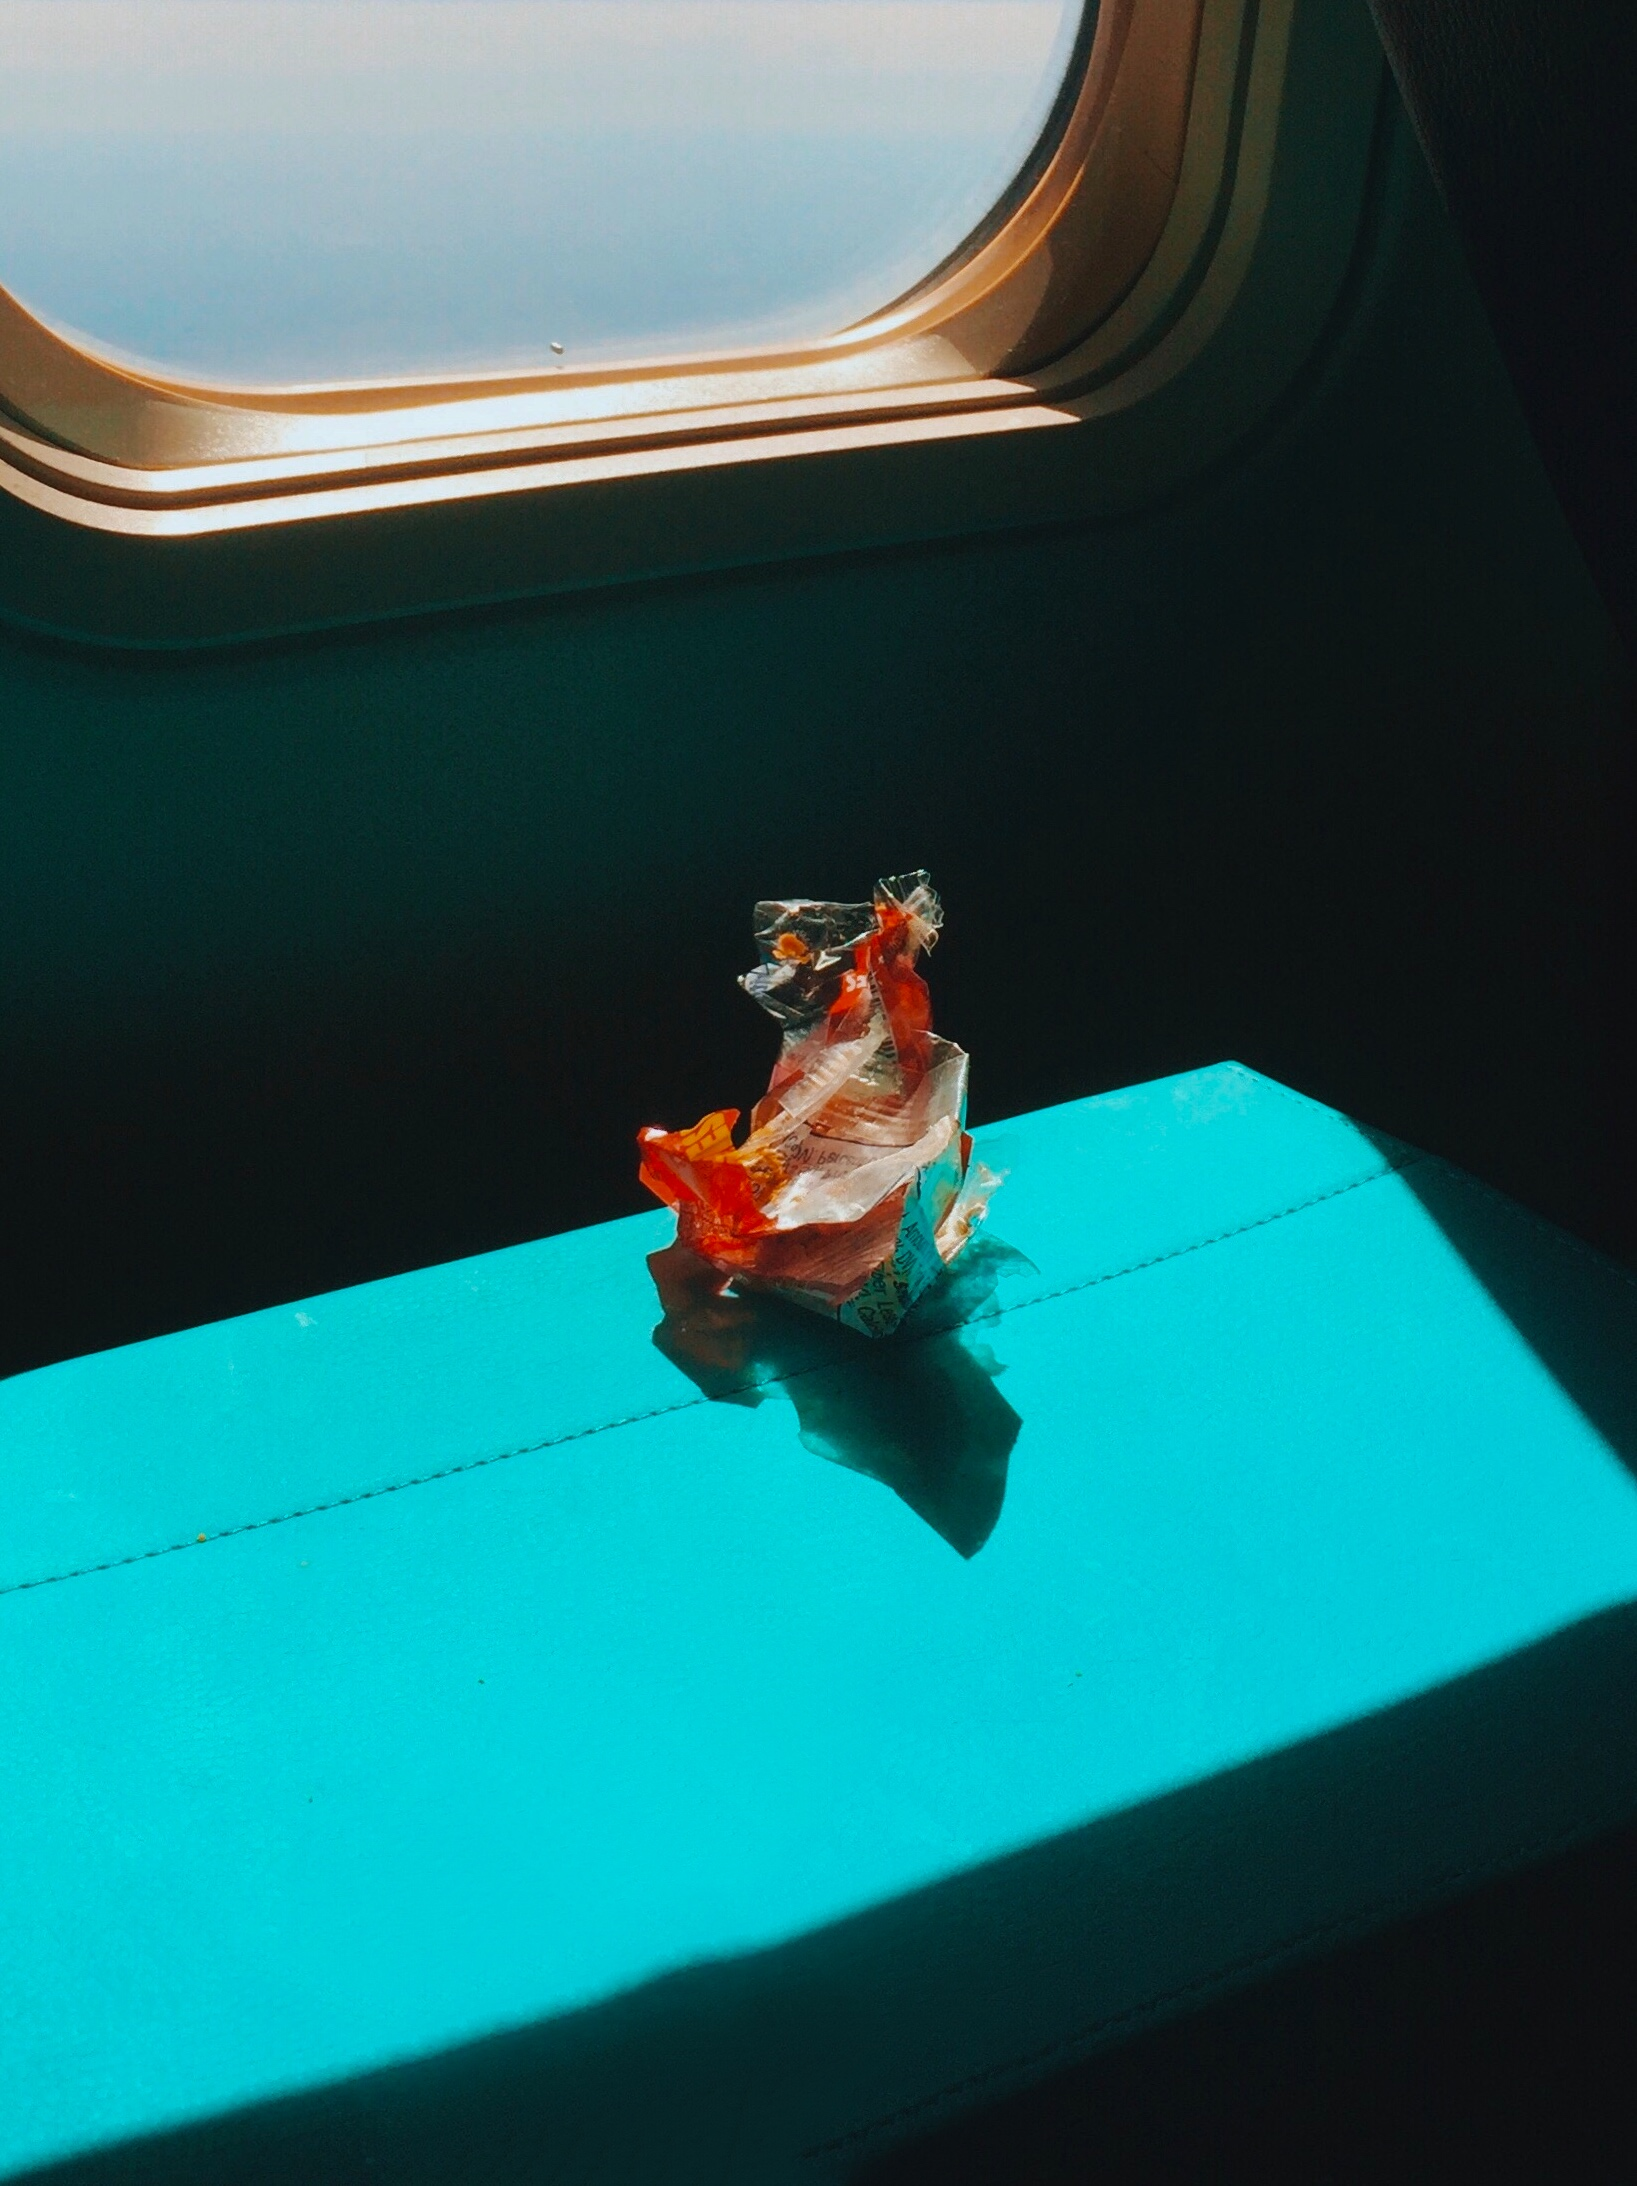 卡拉·卡佩尔尼科娃(Kara Kapelnikova)拍摄的一架飞机静物照片